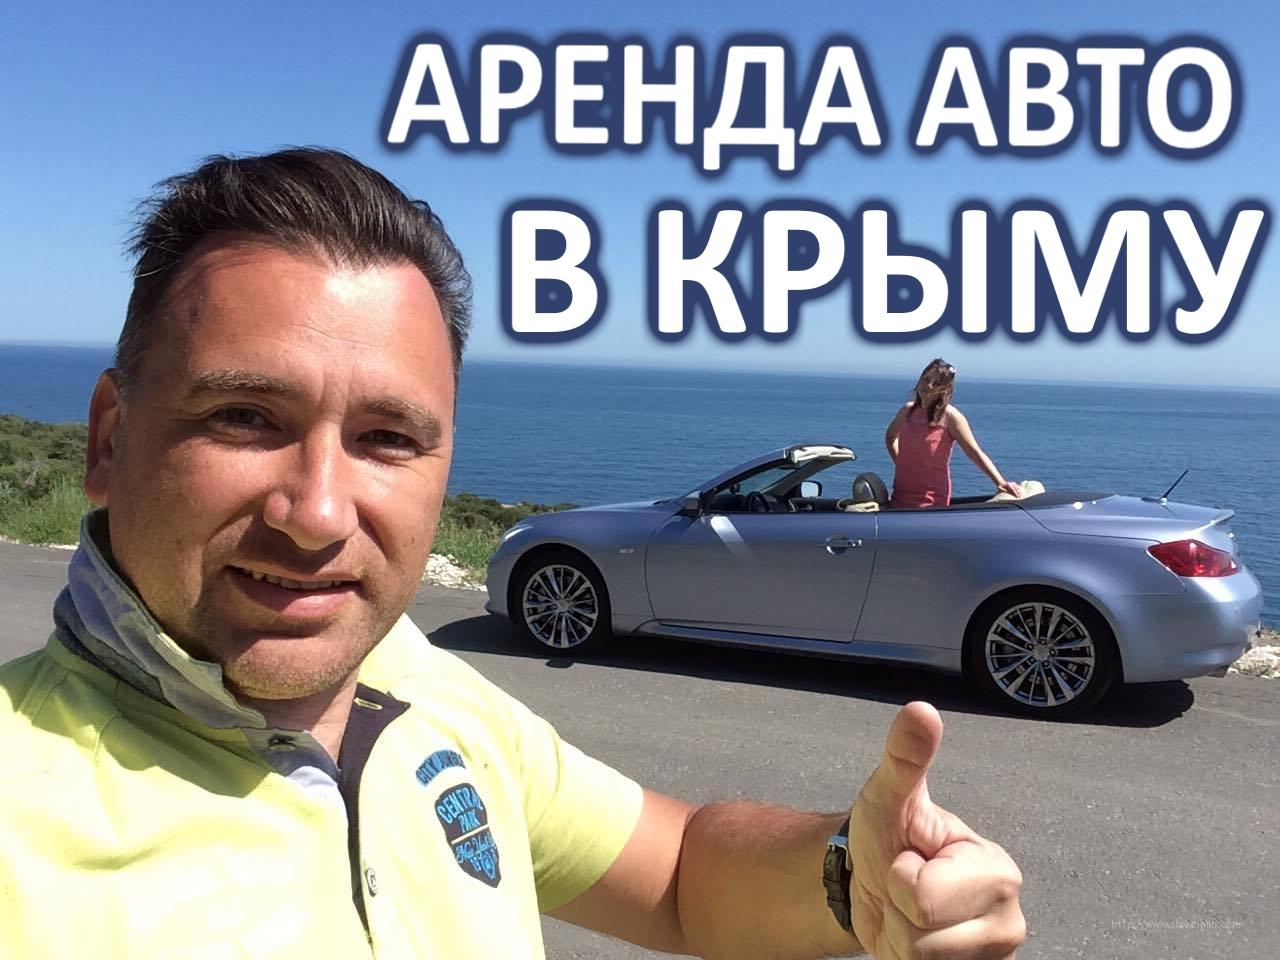 Статья Алексея Зимина про Аренду авто в Крыму